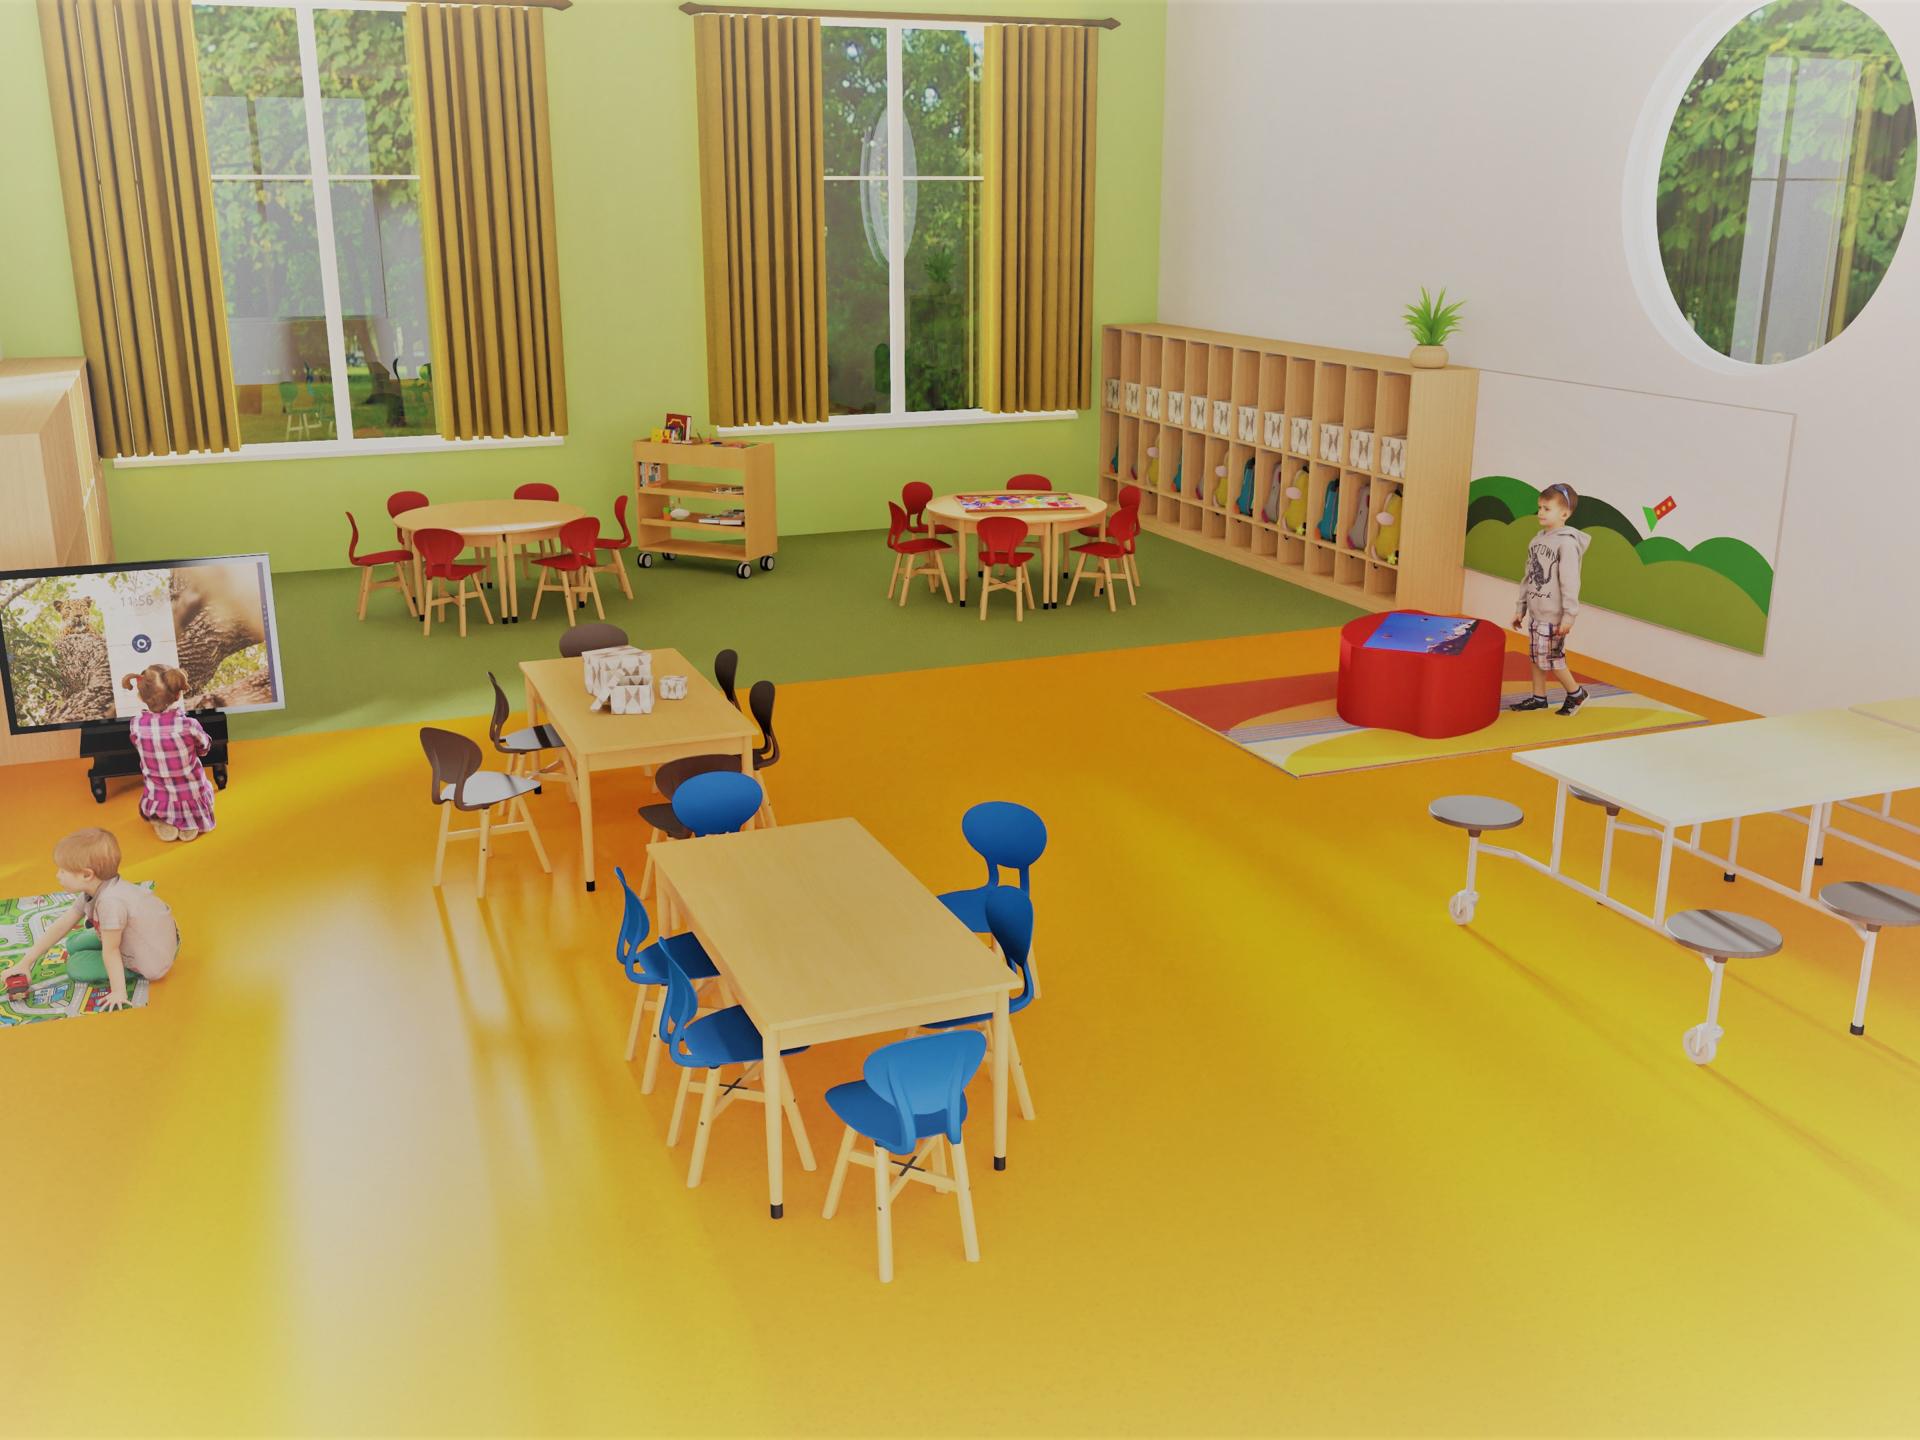 D21-Website-Afbeeldingen-School-8